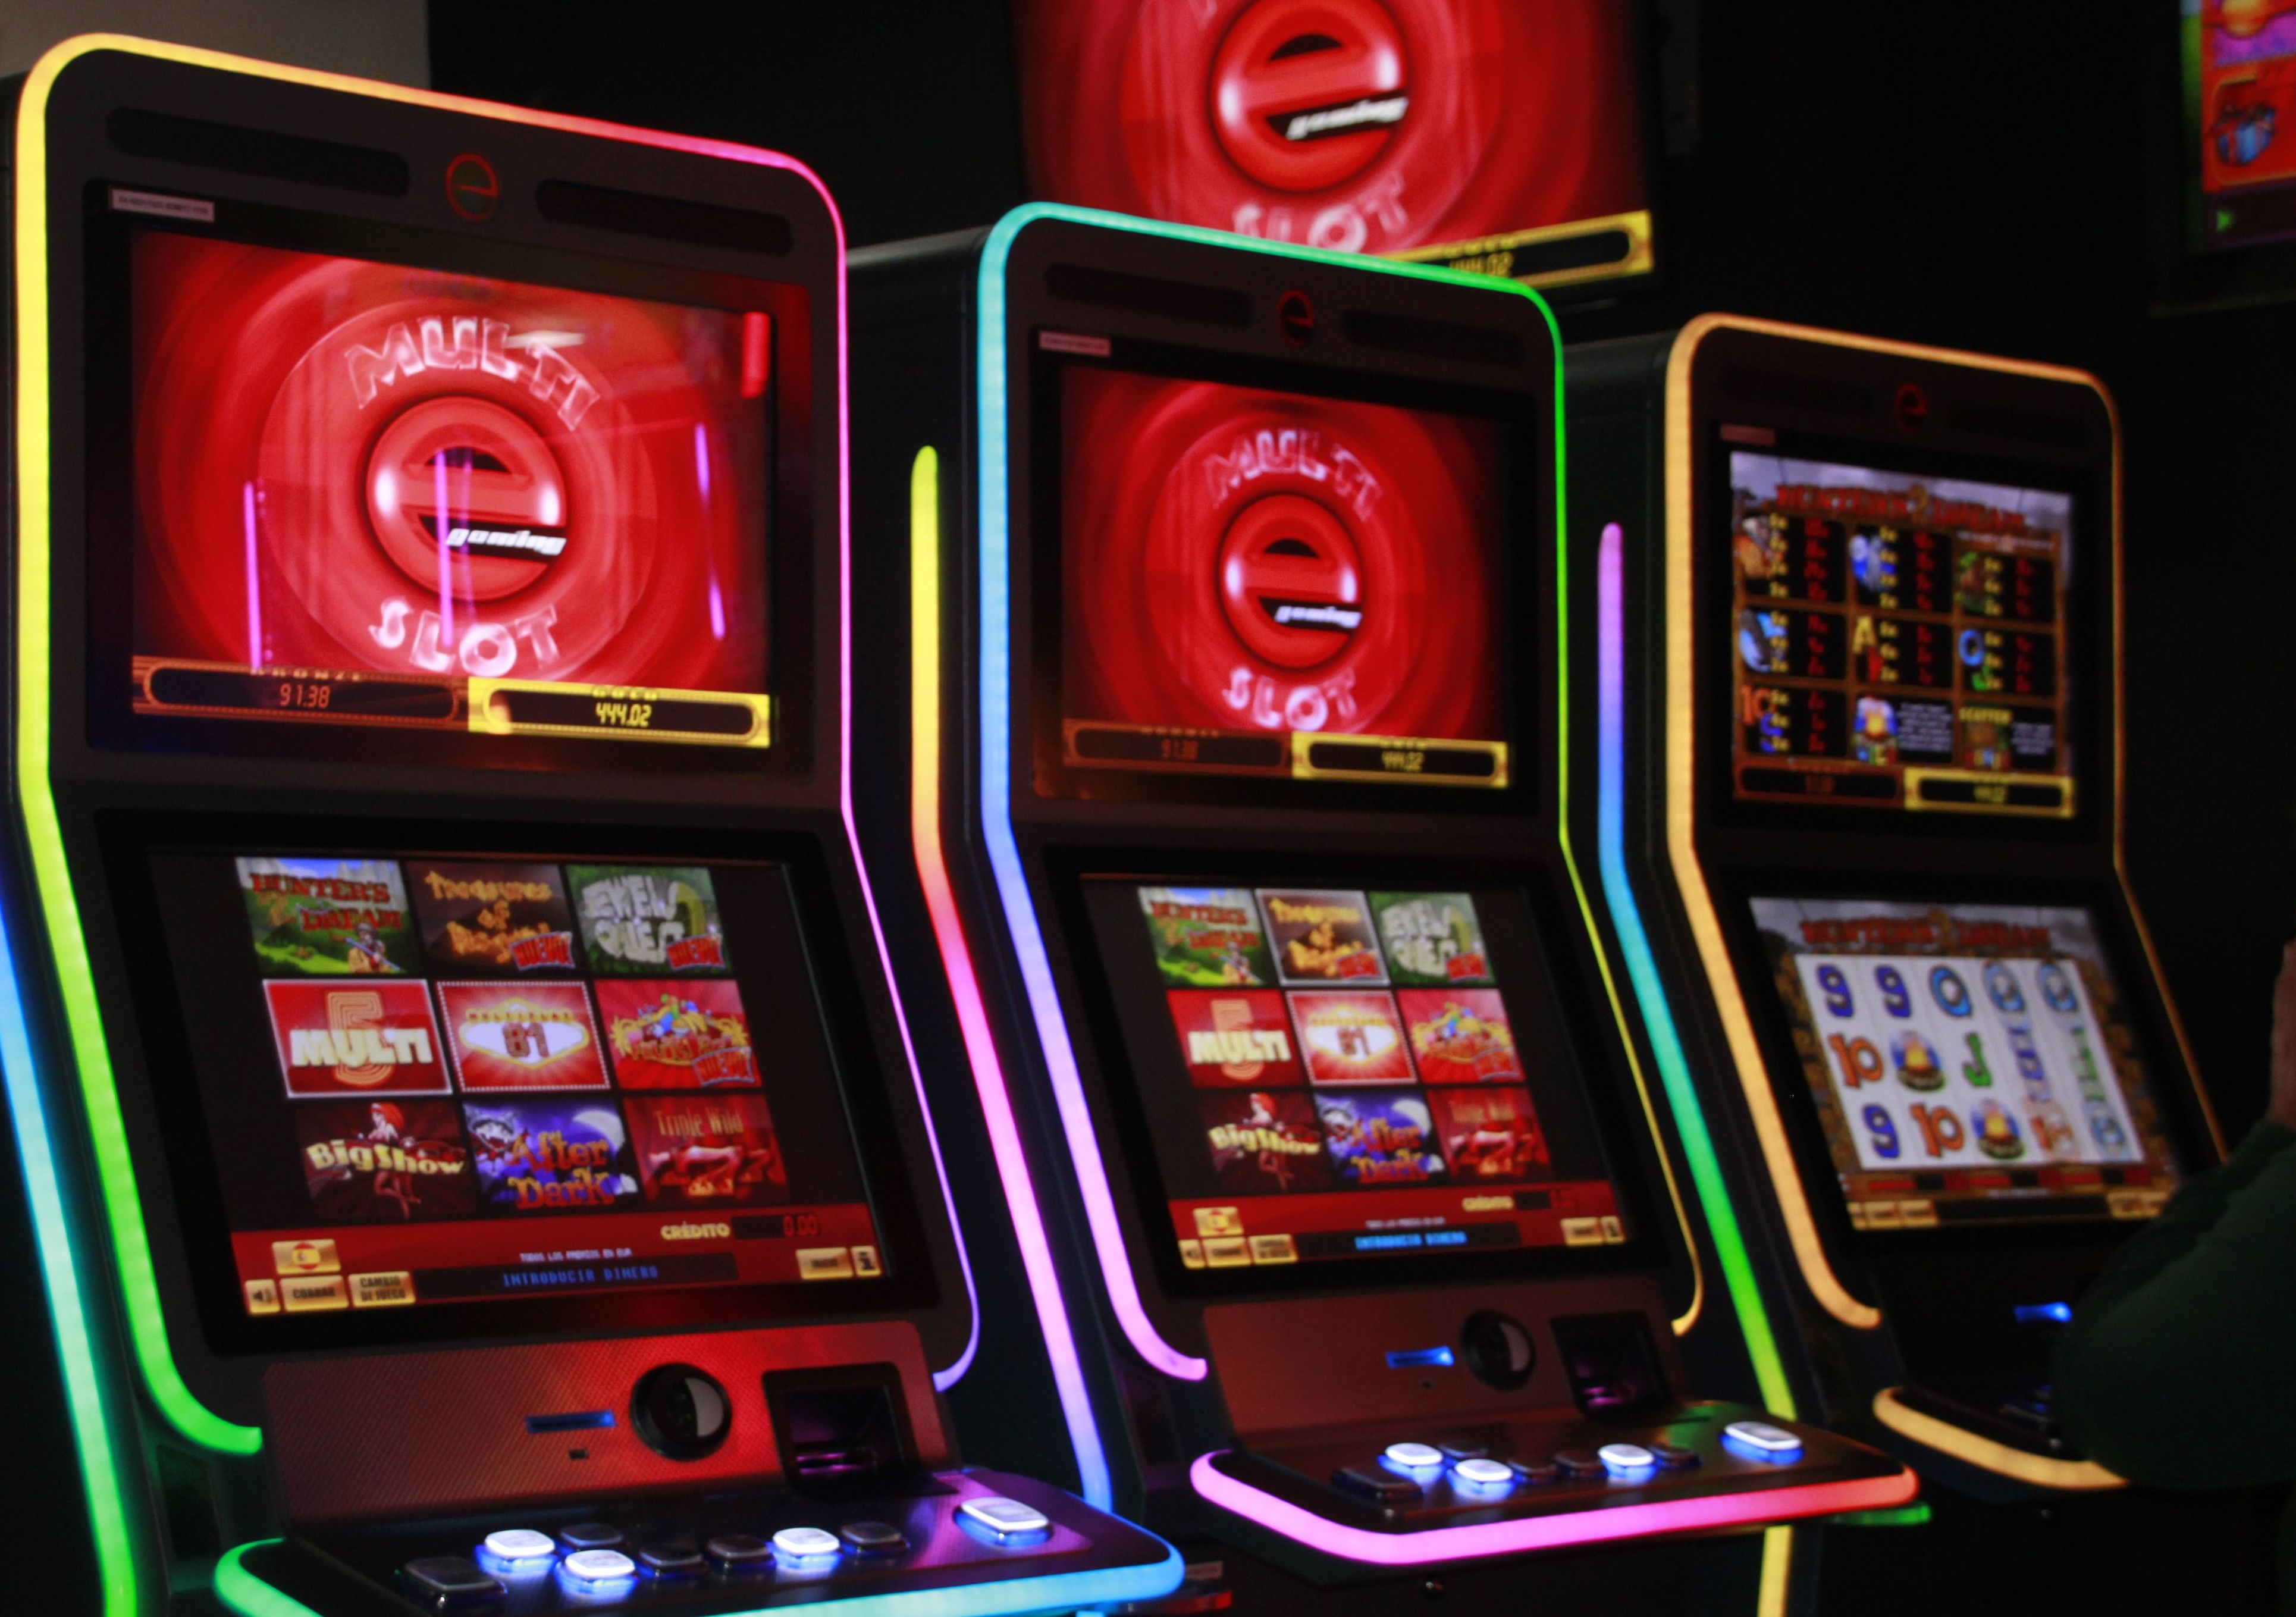 Instalación de máquinas recreativas en Zaragoza